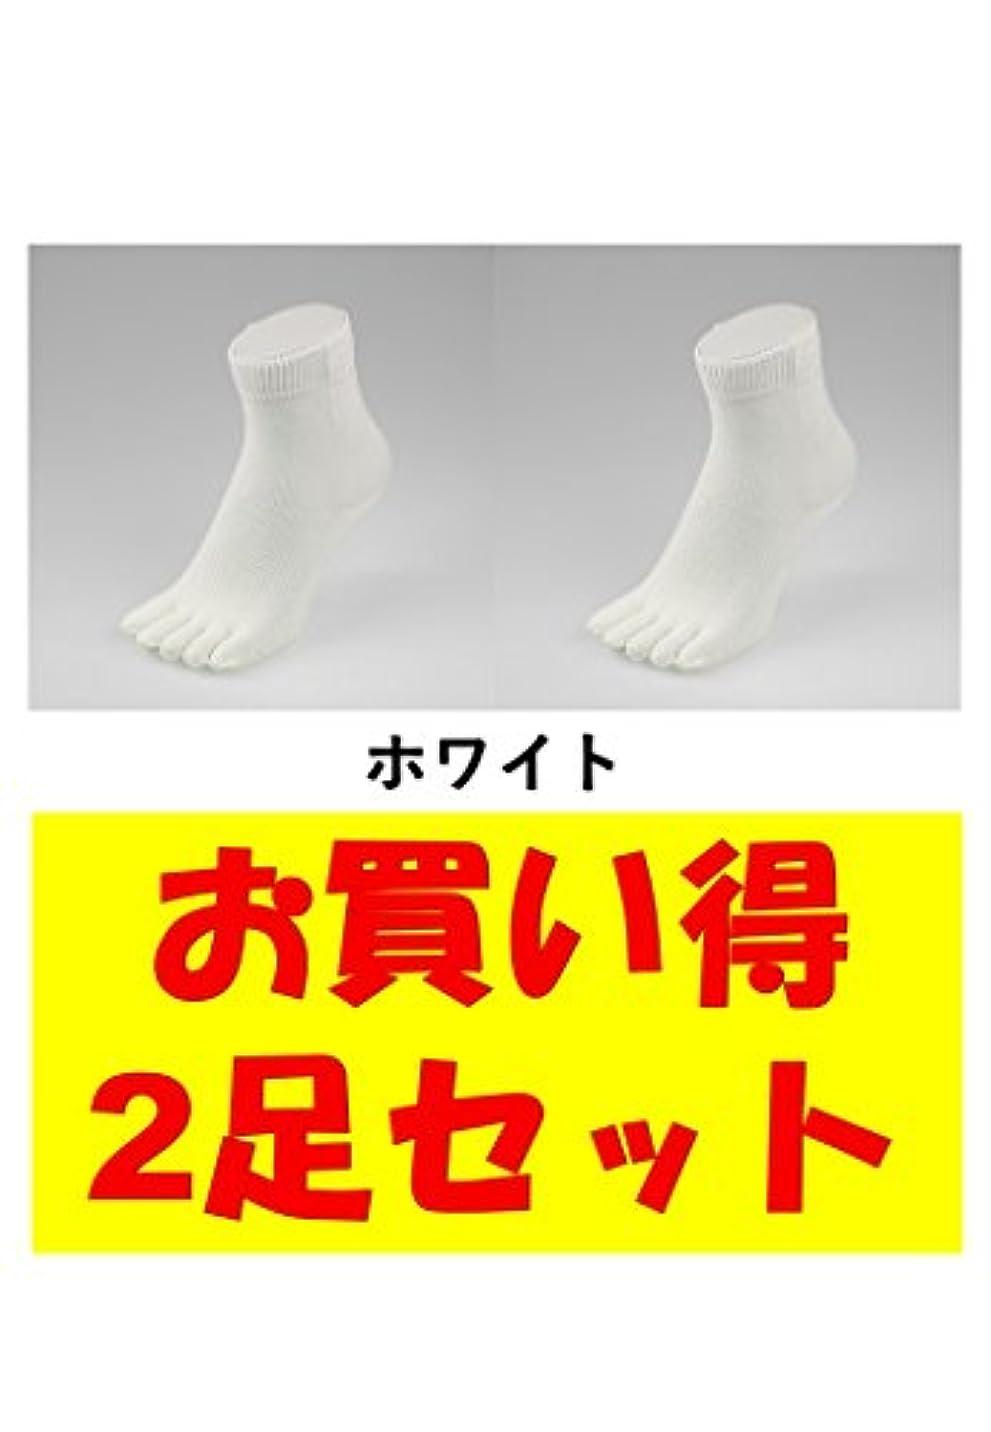 レバー結晶教授お買い得2足セット 5本指 ゆびのばソックス Neo EVE(イヴ) ホワイト iサイズ(23.5cm - 25.5cm) YSNEVE-WHT